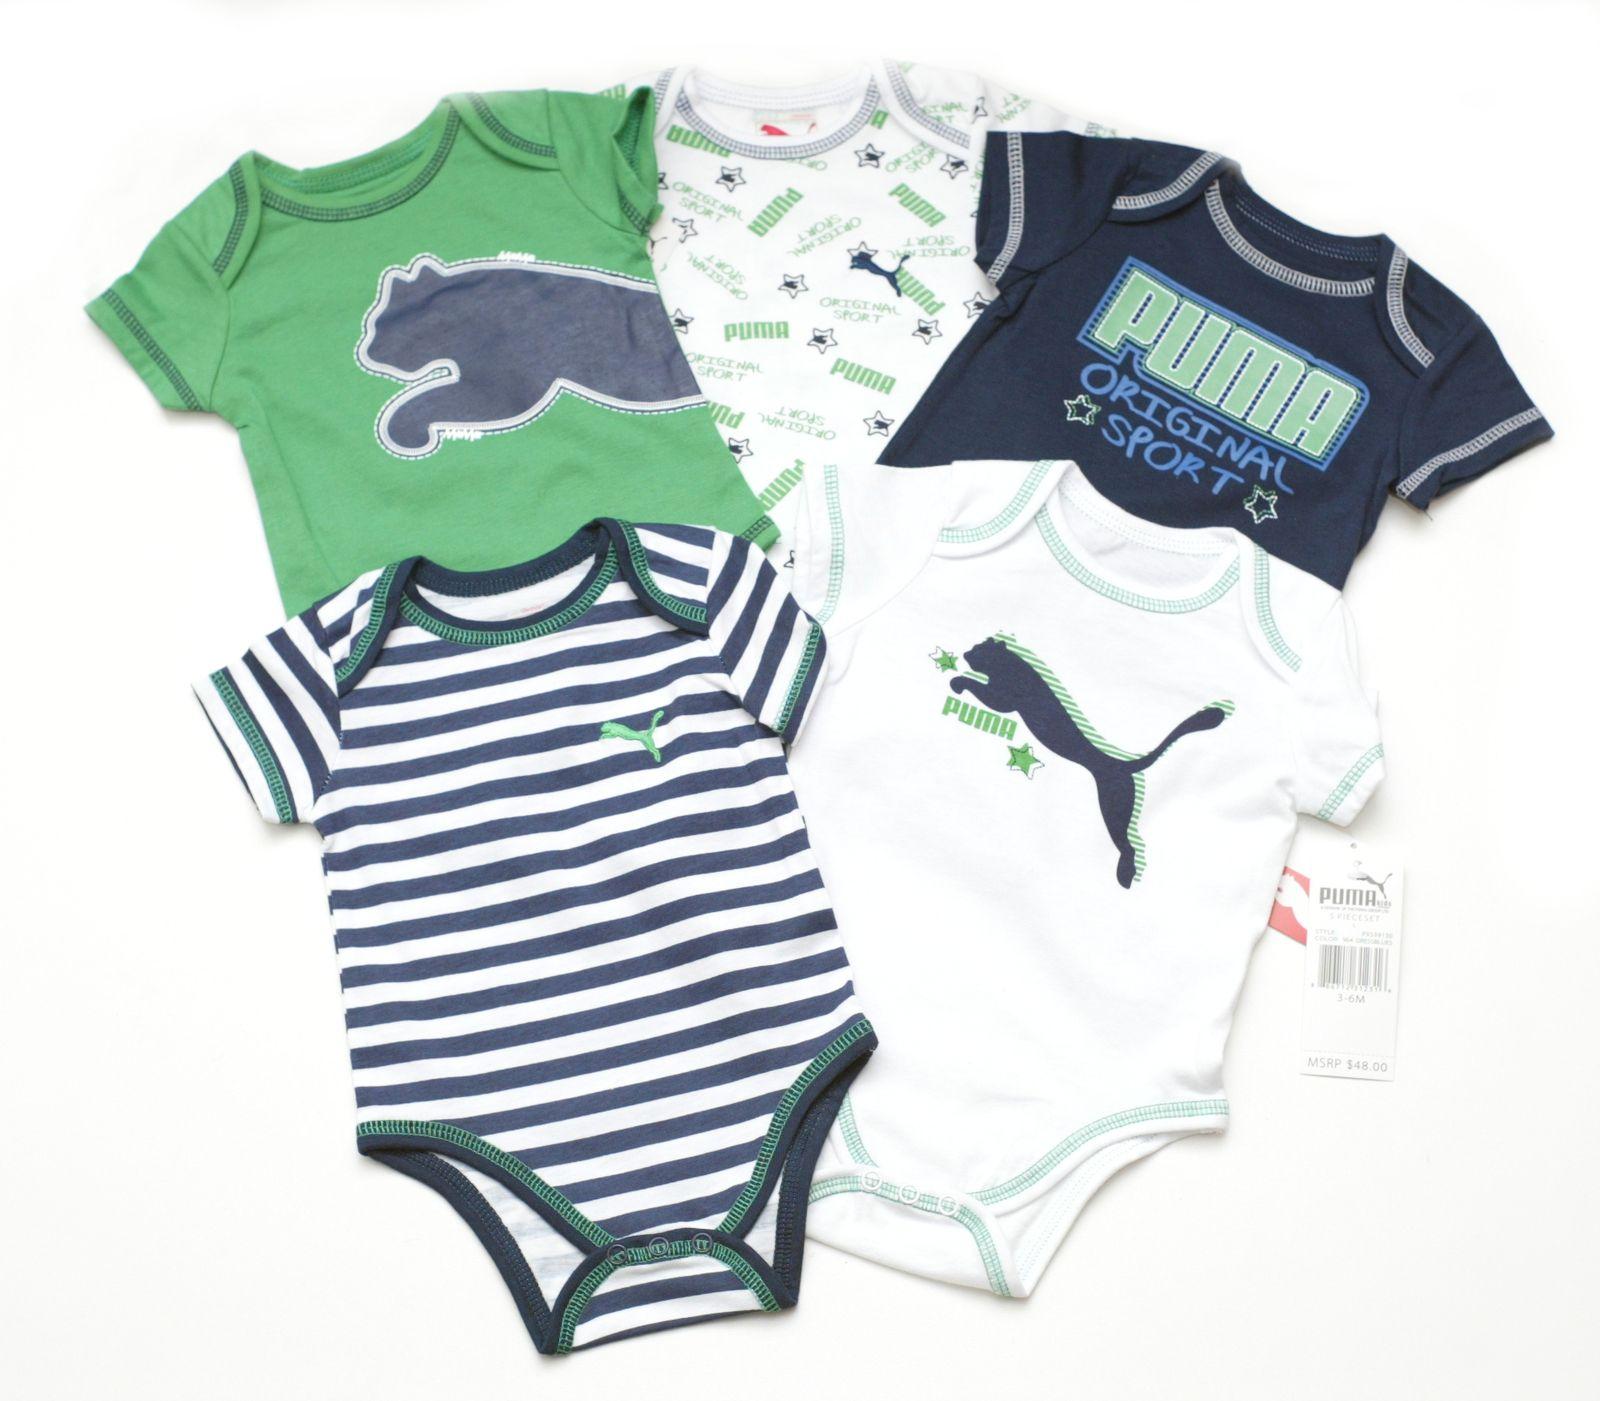 Puma Infant Baby Boys 5 Piece Bodysuit Romper e Piece Outfit Set